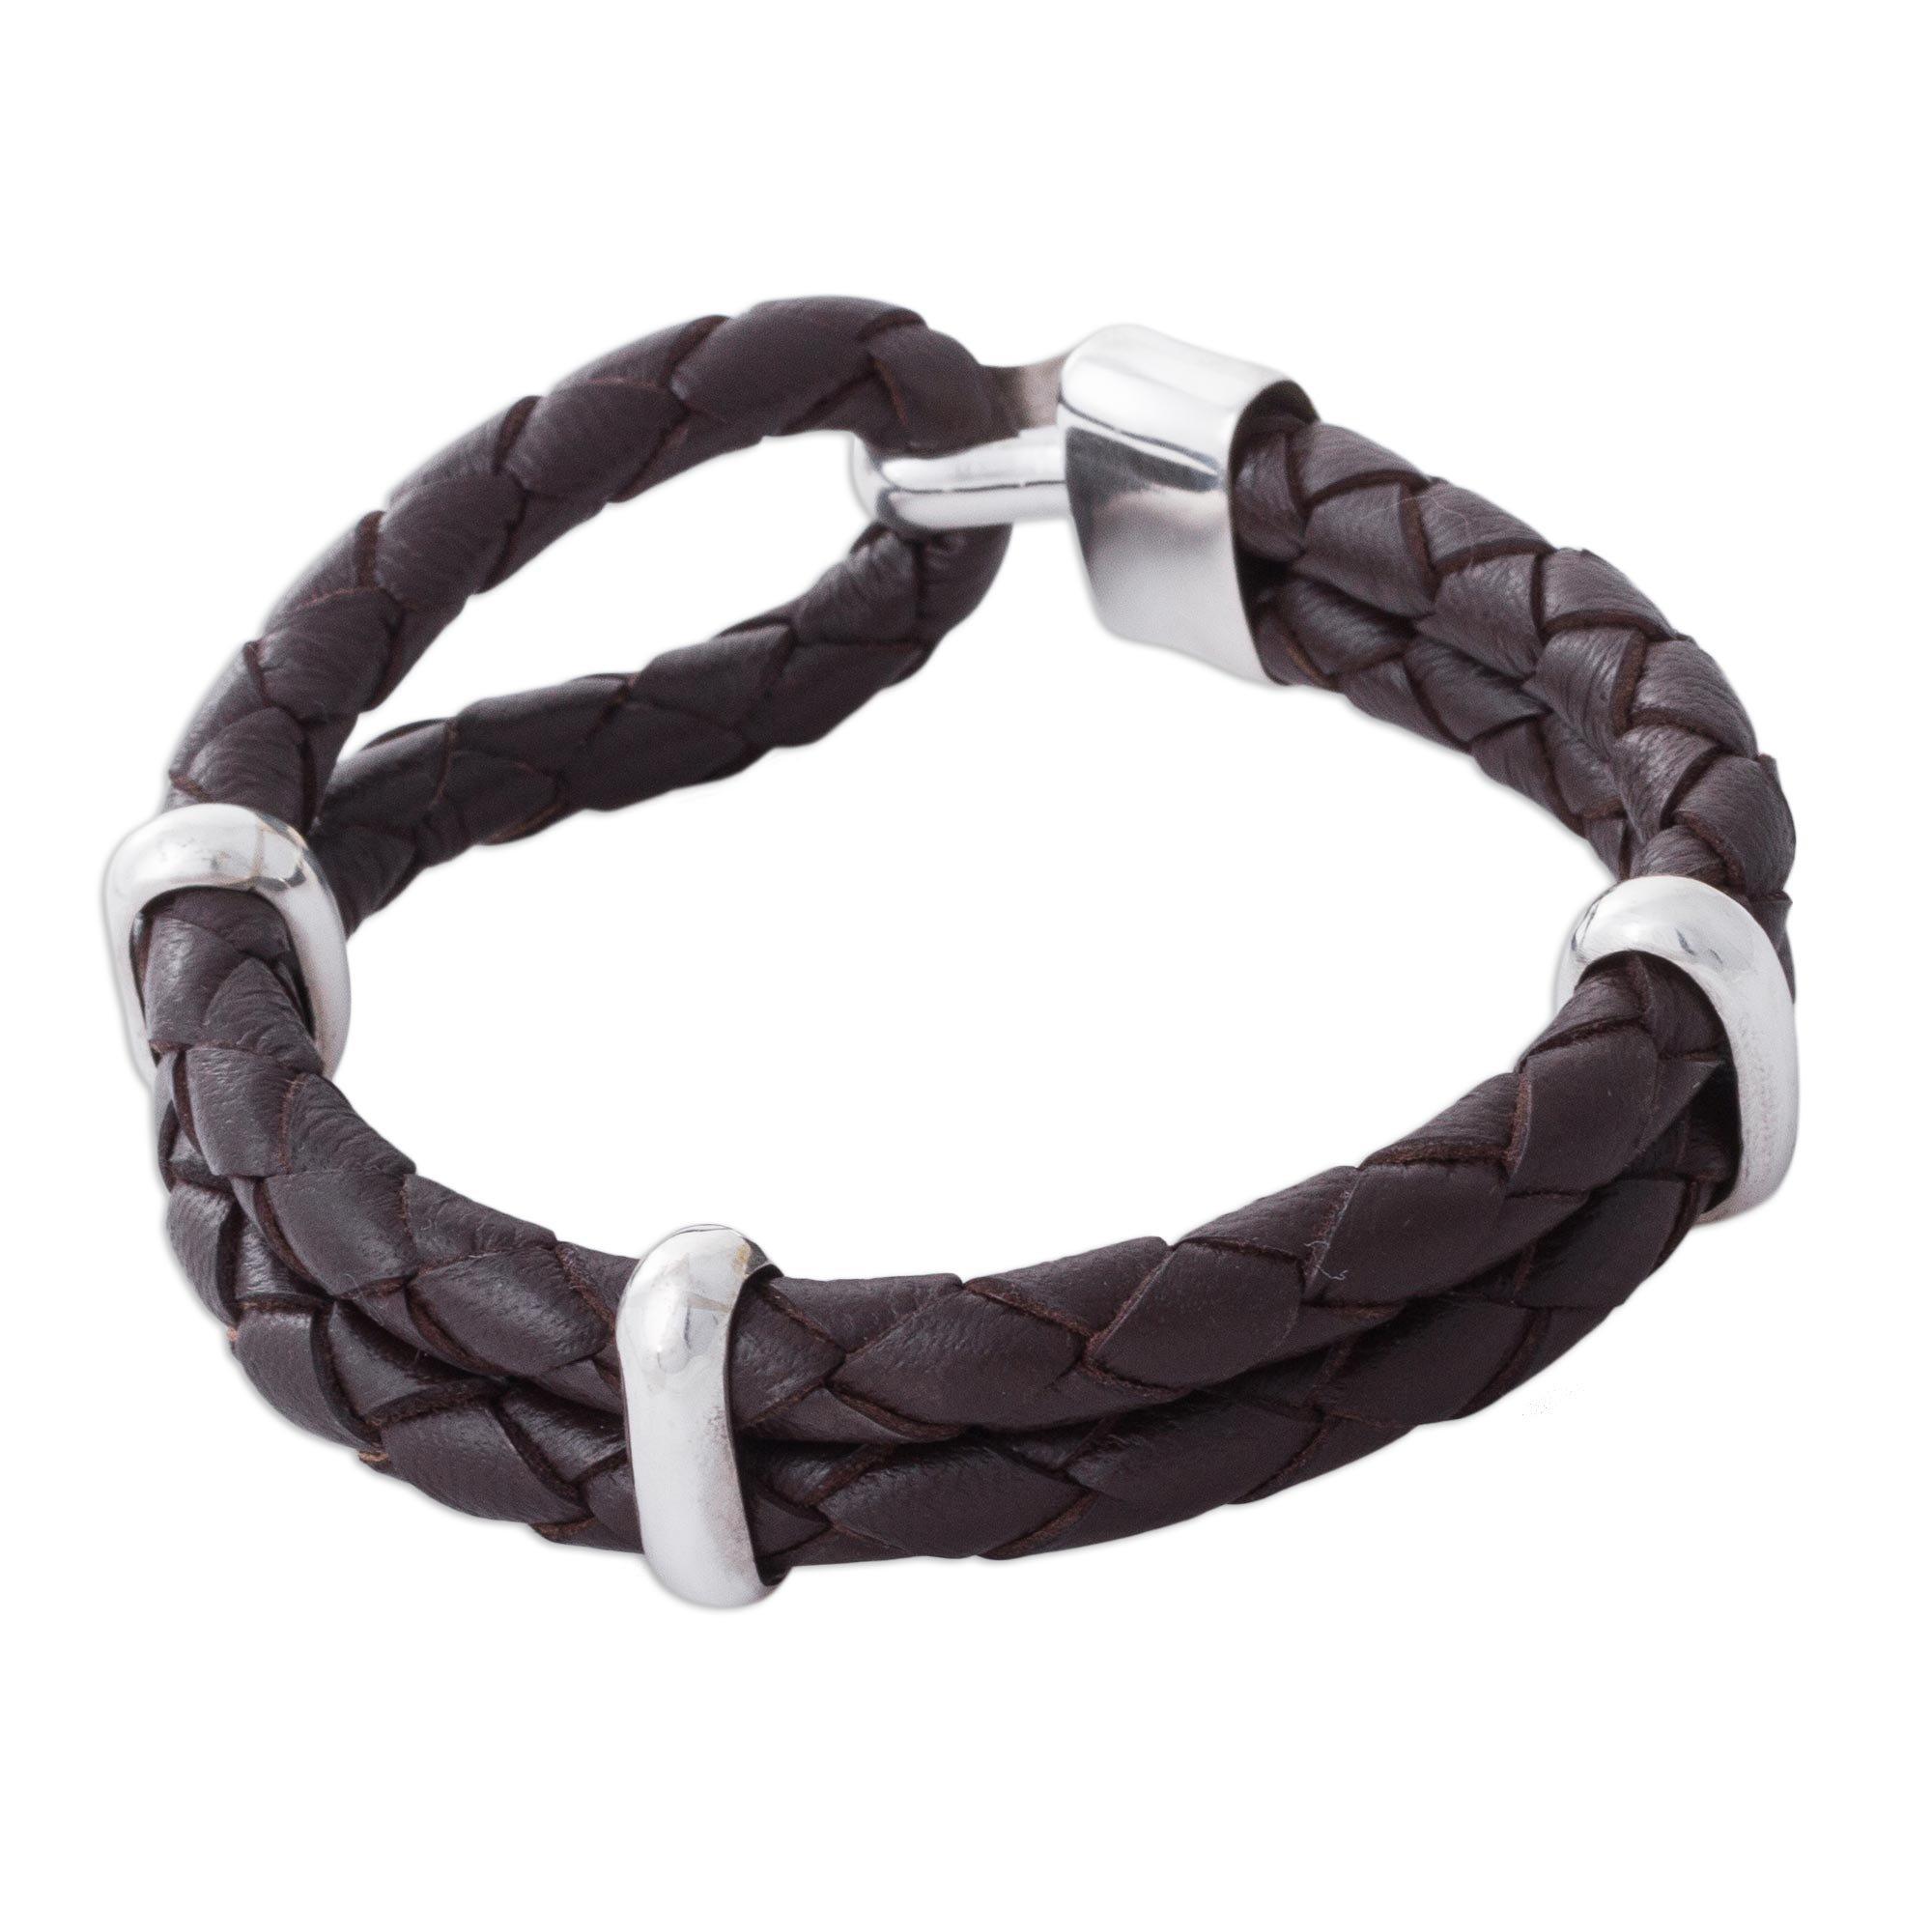 NOVICA .925 Sterling Silver Leather Men's Bracelet 'Desert Paths'